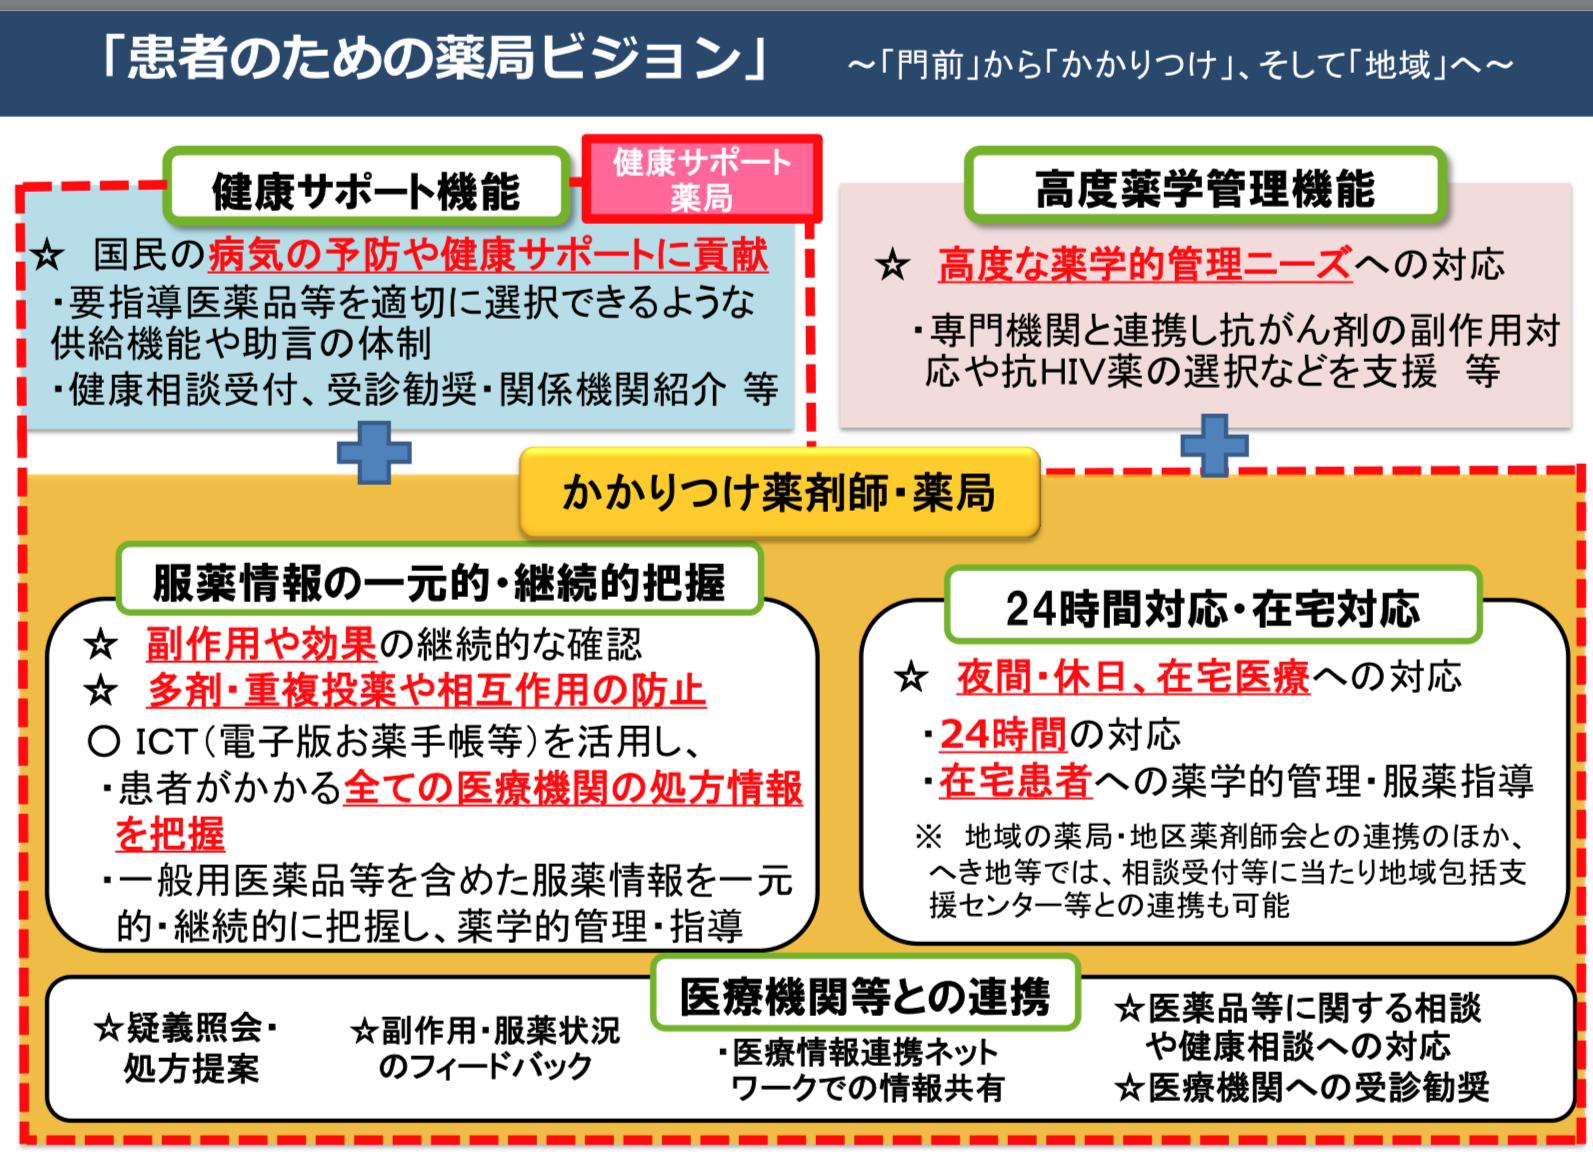 参考)厚生労働省リンクhttps://www.mhlw.go.jp/file/04-Houdouhappyou-11121000-Iyakushokuhinkyoku-Soumuka/gaiyou_1.pdf